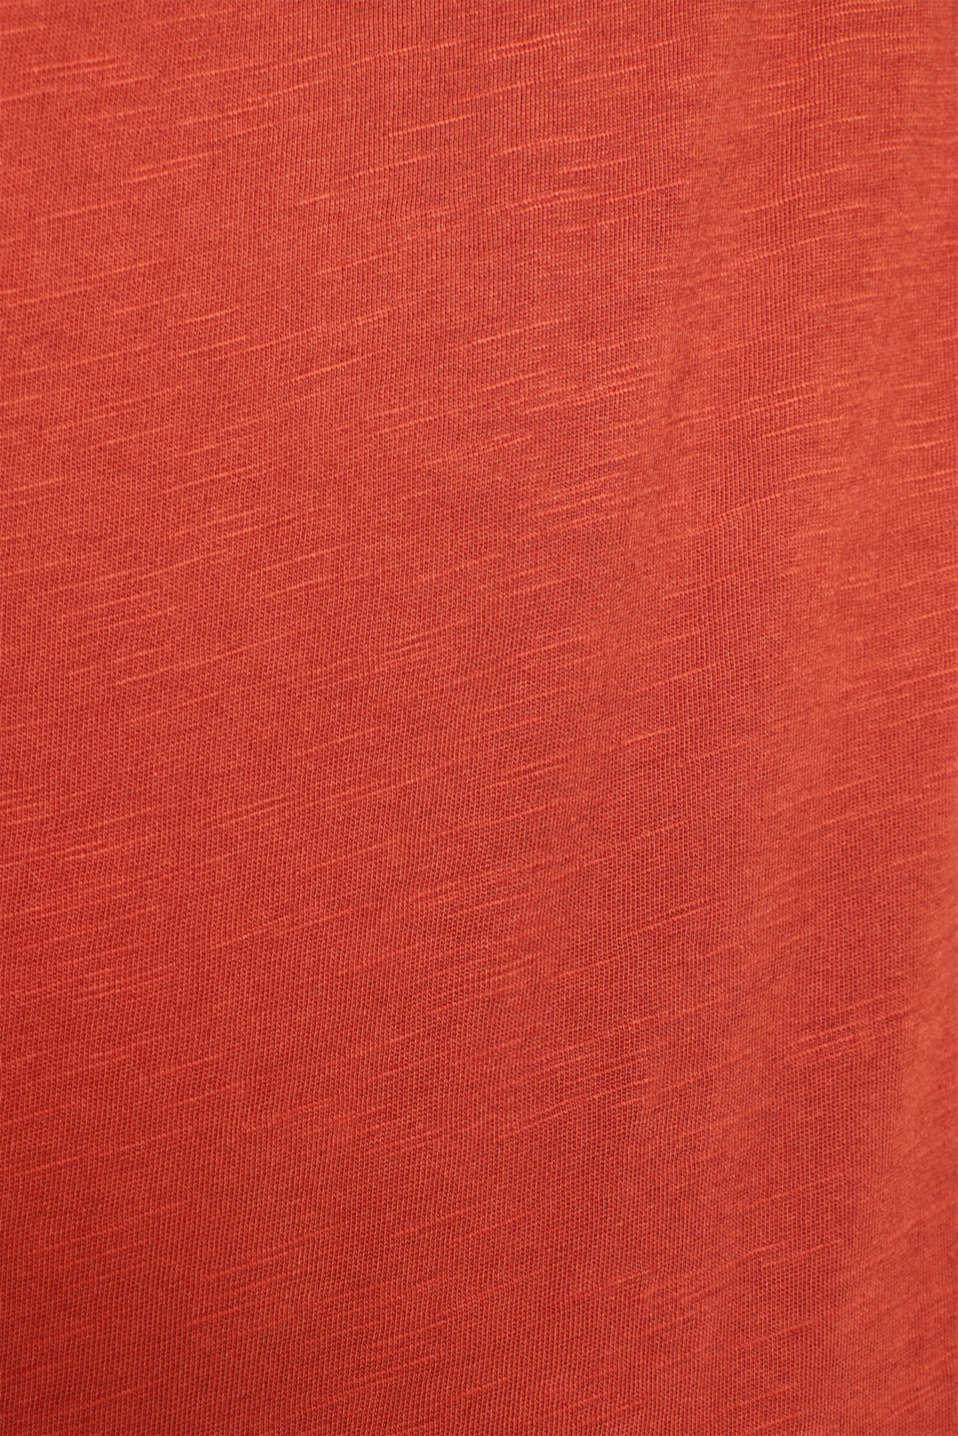 Slub jersey T-shirt in 100% cotton, RUST ORANGE, detail image number 4